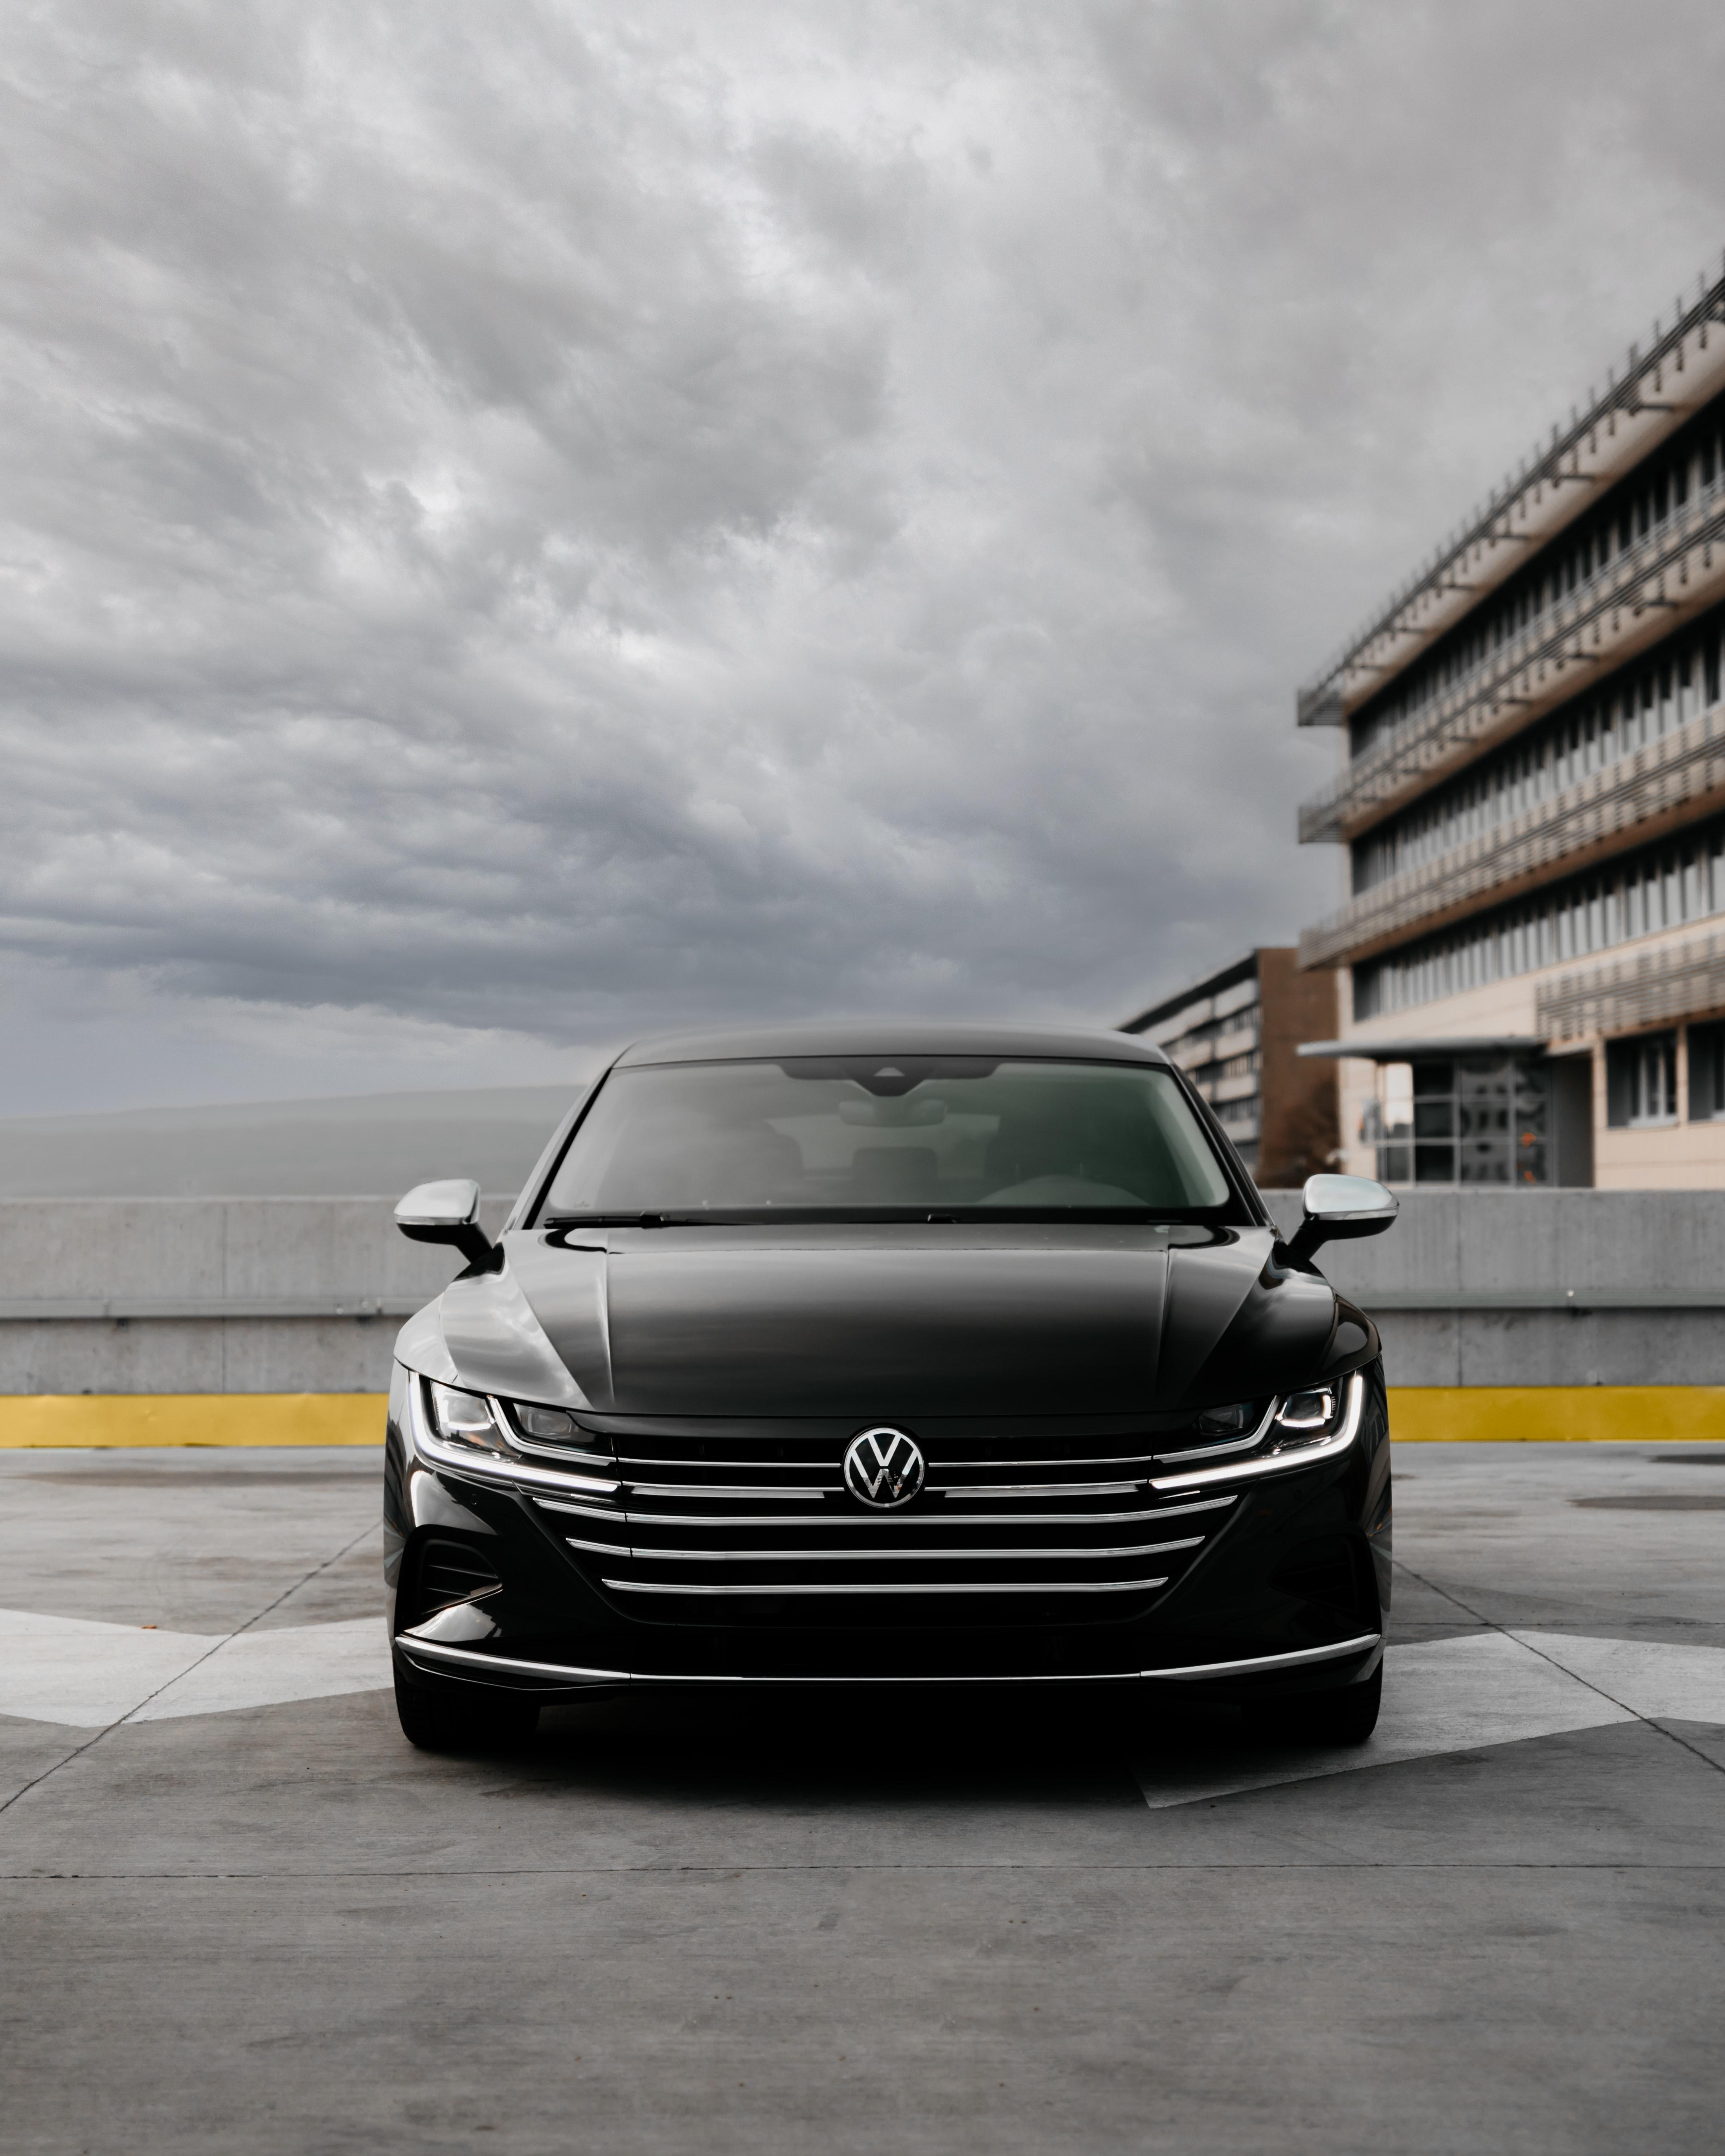 CapitalPanda | VW už má aféru Dieselgate dávno za sebou